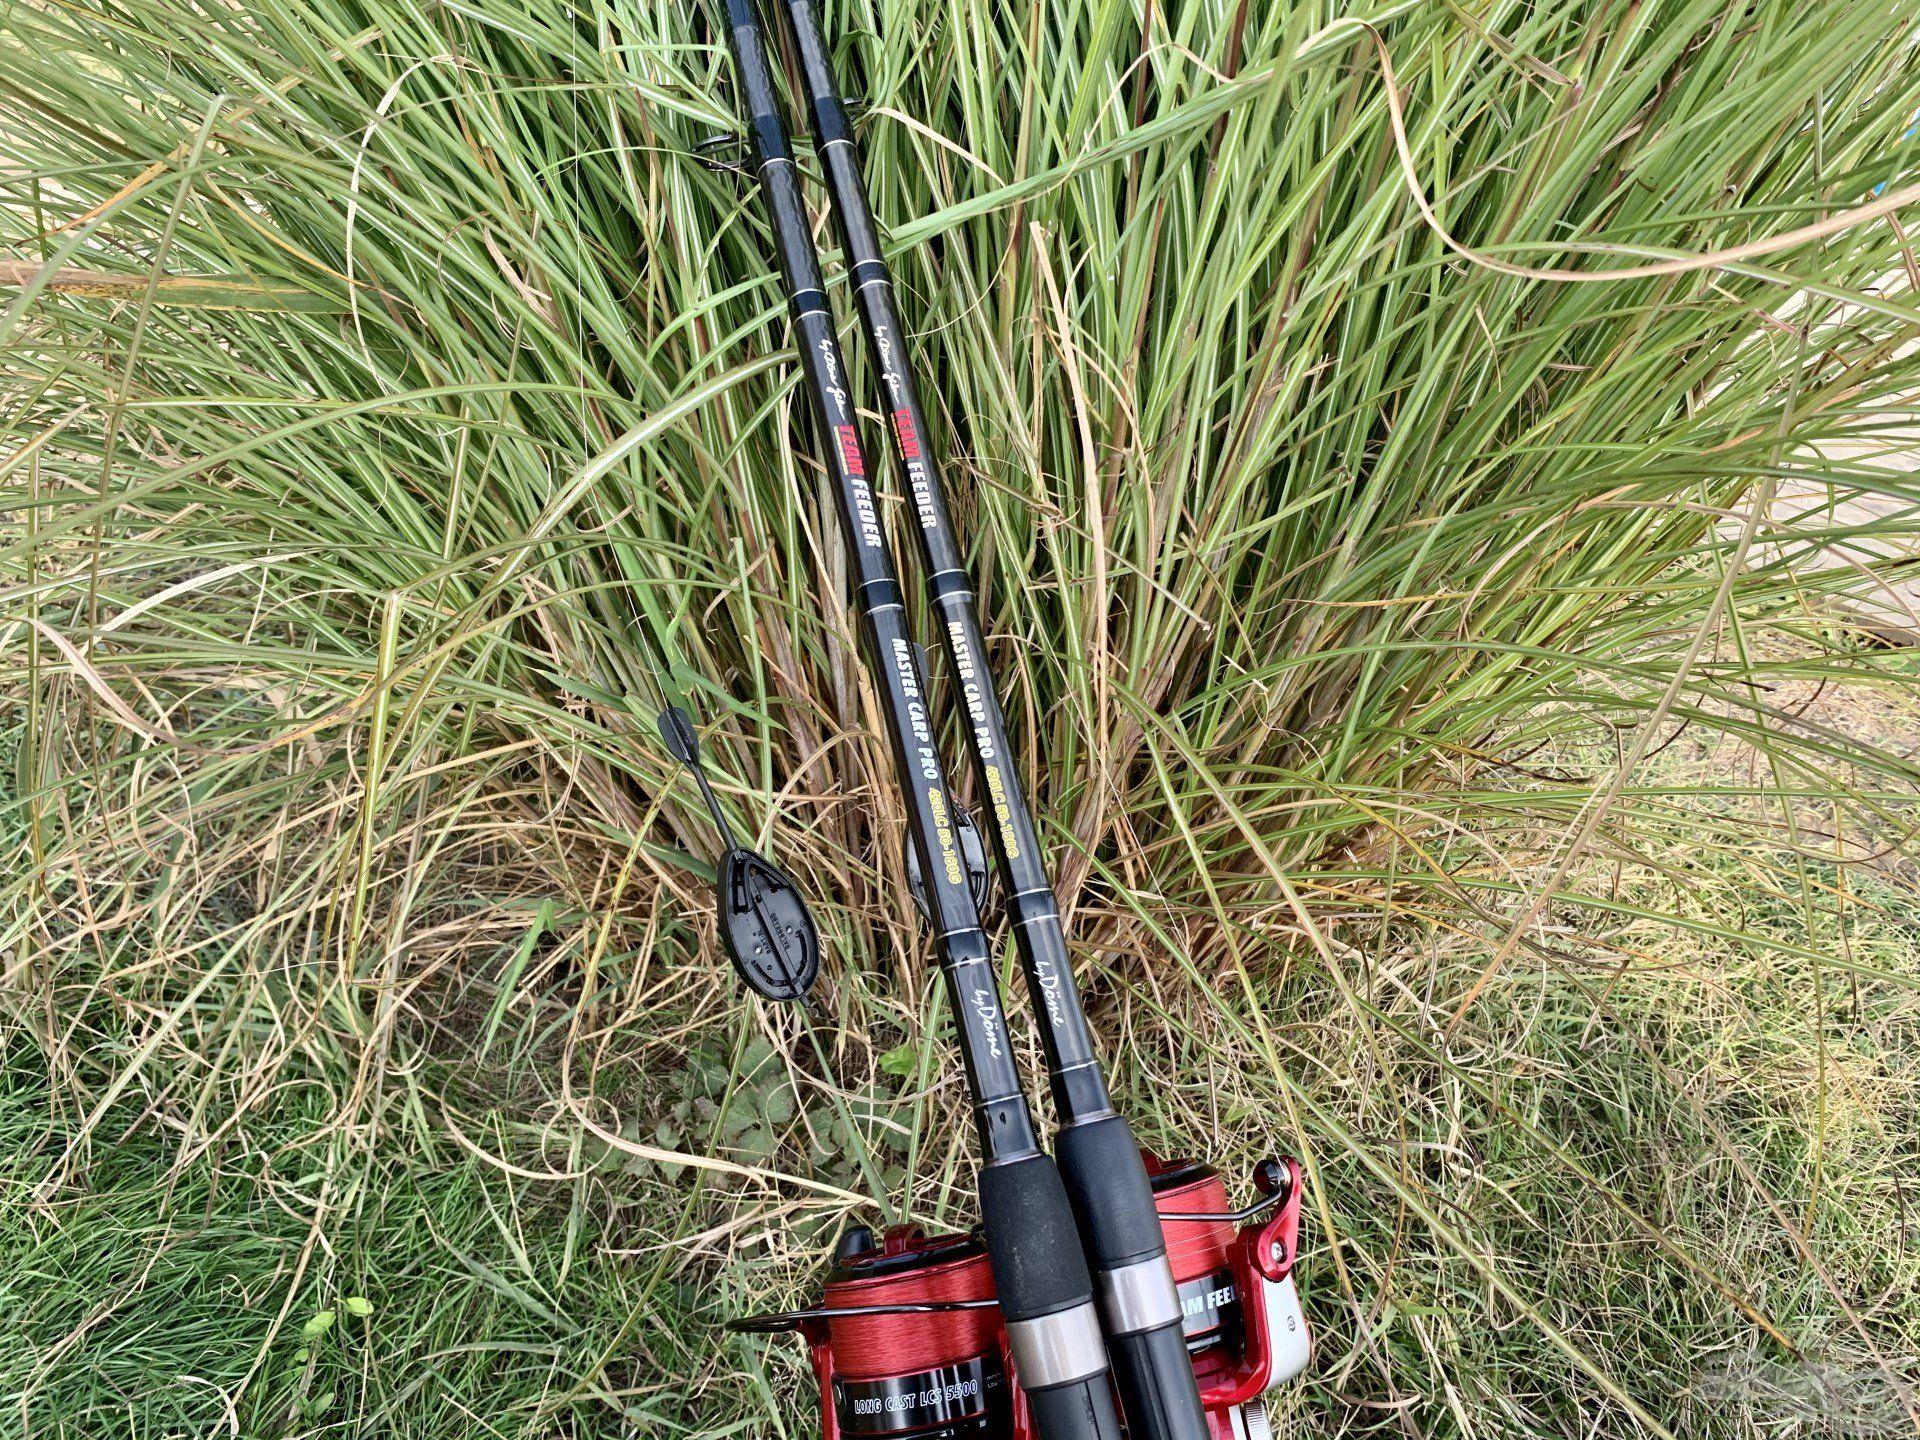 A tó méreteiből adódóan a halakat nagy távolságban kellett keresni, ehhez pedig megfelelően összehangolt felszerelésre volt szükségem…